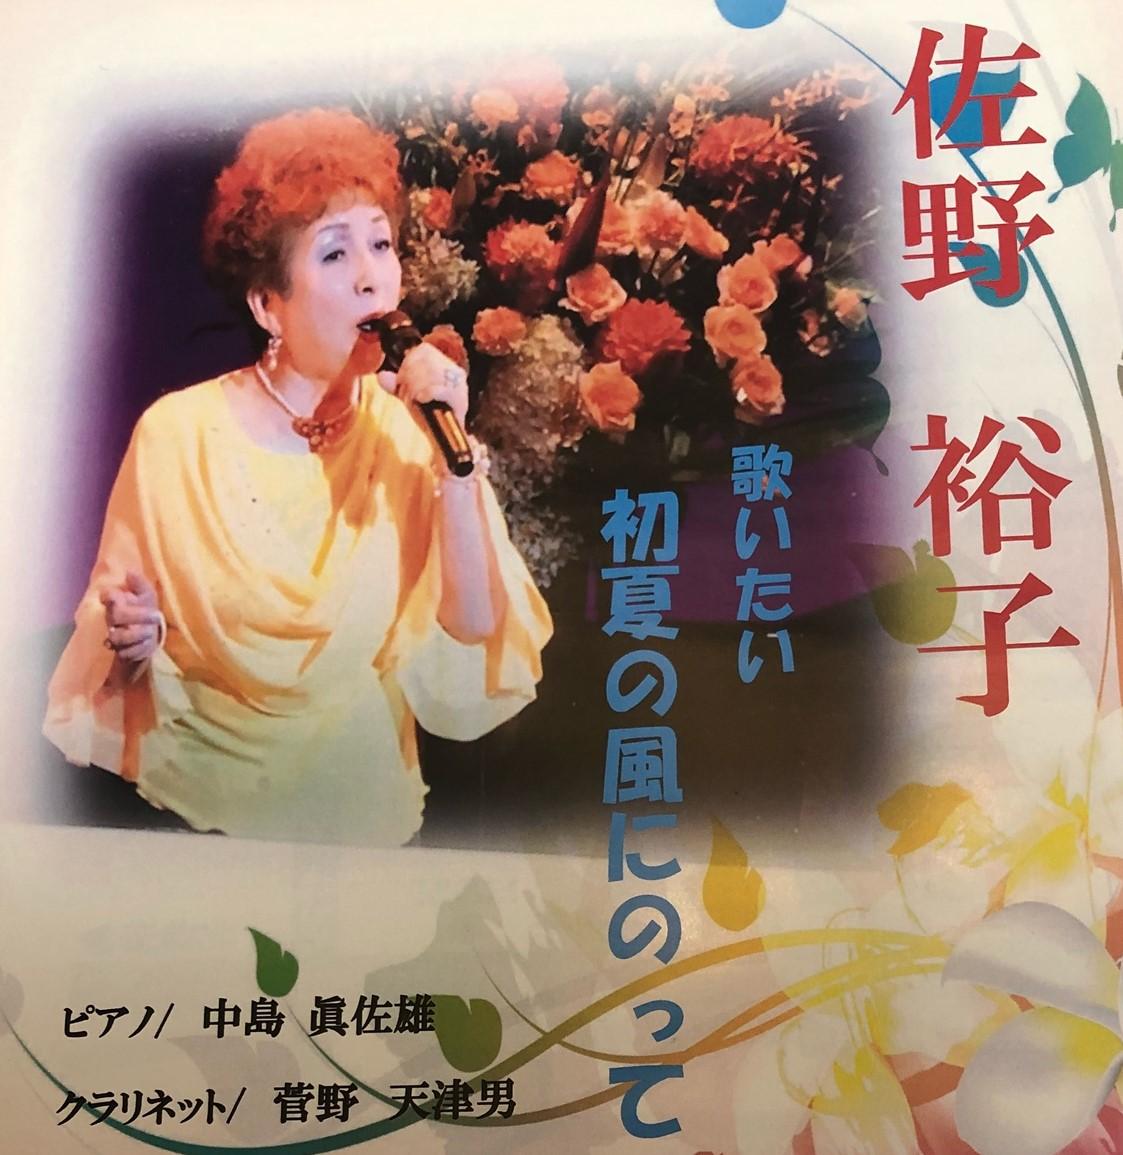 佐野裕子ソロコンサート 歌いたい 初夏の風にのって